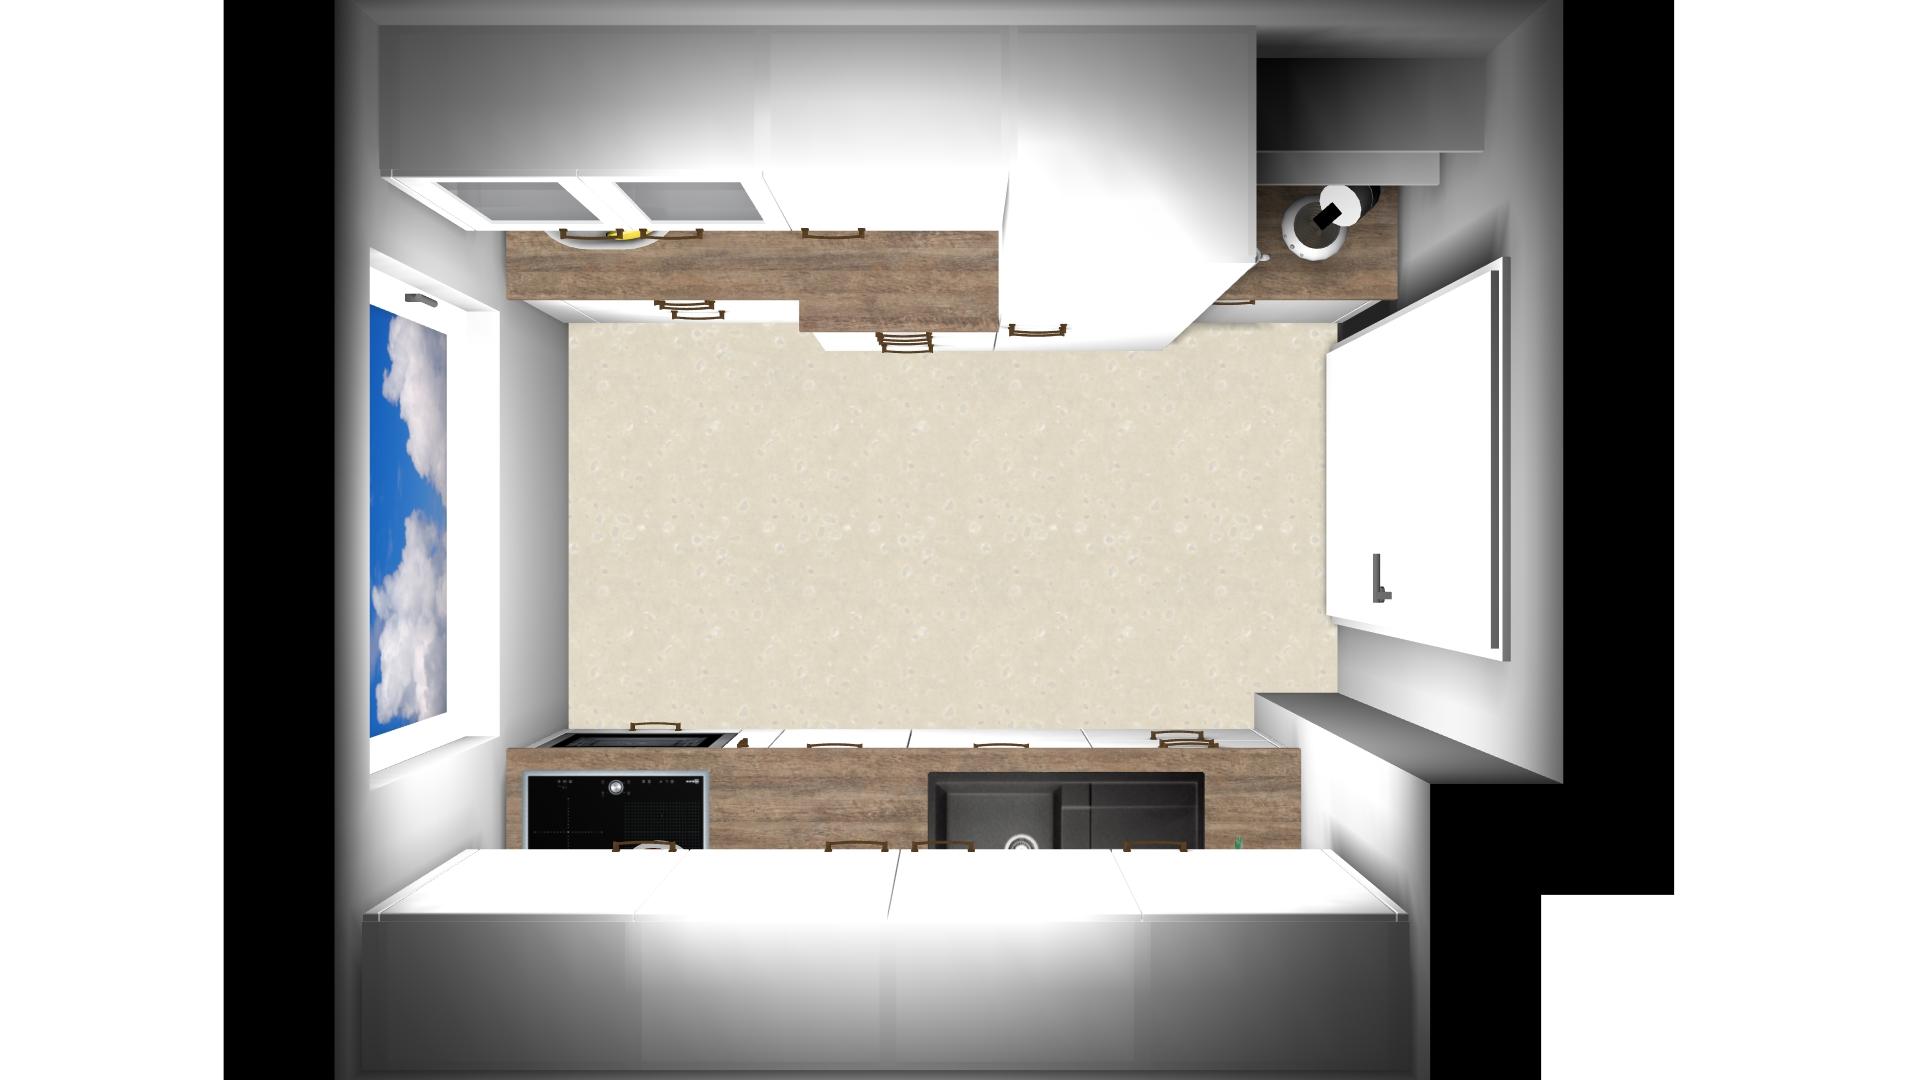 zweizeilige k chen k chen info. Black Bedroom Furniture Sets. Home Design Ideas